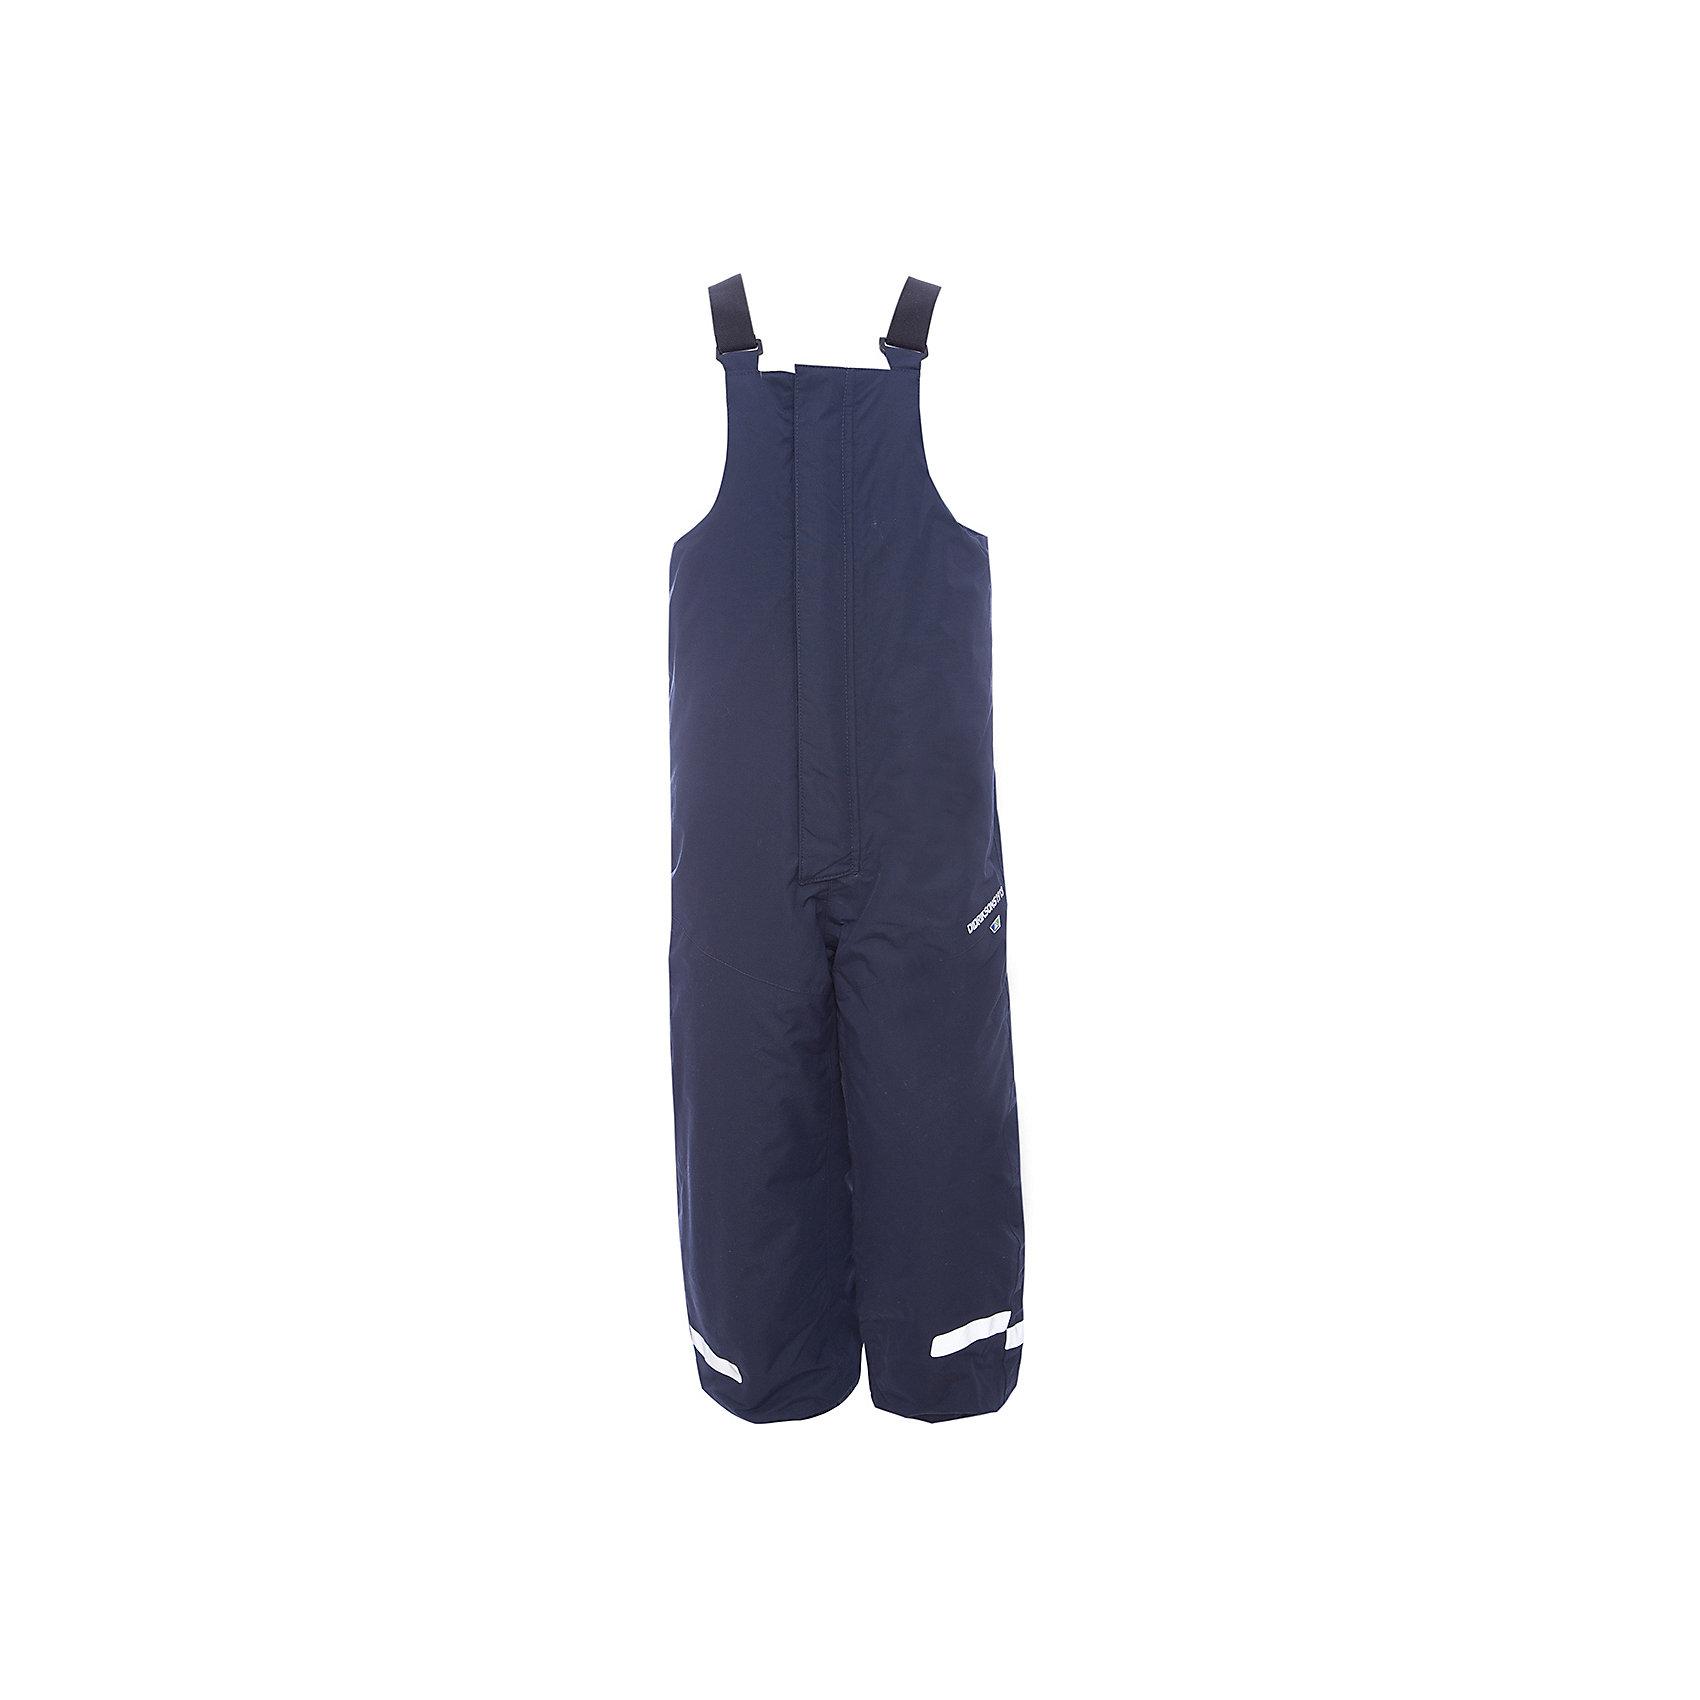 Полукомбинезон TARFALA BIB DIDRIKSONSВерхняя одежда<br>Характеристики товара:<br><br>• цвет: синий<br>• состав ткани: 100% полиамид<br>• подкладка: 100% полиэстер<br>• утеплитель: 100% полиэстер<br>• сезон: зима<br>• мембранная<br>• температурный режим: от -20 до 0<br>• водонепроницаемость: 6000 мм <br>• паропроницаемость: 4000 г/м2<br>• плотность утеплителя: 140г/м2<br>• швы проклеены<br>• регулируемые подтяжки и низ штанин<br>• штрипки <br>• застежка: молния<br>• фиксированные лямки<br>• снежные гетры<br>• светоотражающие детали<br>• конструкция позволяет увеличить длину штанин на один размер<br>• страна бренда: Швеция<br>• страна изготовитель: Китай<br><br>Зимние брюки для ребенка Didriksons можно при необходимости увеличить на один размер. Детские брюки от известного шведского бренда теплые и легкие. Практичные зимние брюки для ребенка создают комфортные условия для тела. Непромокаемый и непродуваемый материал детских брюк легко чистится. <br><br>Брюки Tarfala Bib Didriksons (Дидриксонс) можно купить в нашем интернет-магазине.<br><br>Ширина мм: 215<br>Глубина мм: 88<br>Высота мм: 191<br>Вес г: 336<br>Цвет: голубой<br>Возраст от месяцев: 36<br>Возраст до месяцев: 48<br>Пол: Унисекс<br>Возраст: Детский<br>Размер: 100,120,110,90,80<br>SKU: 7045282